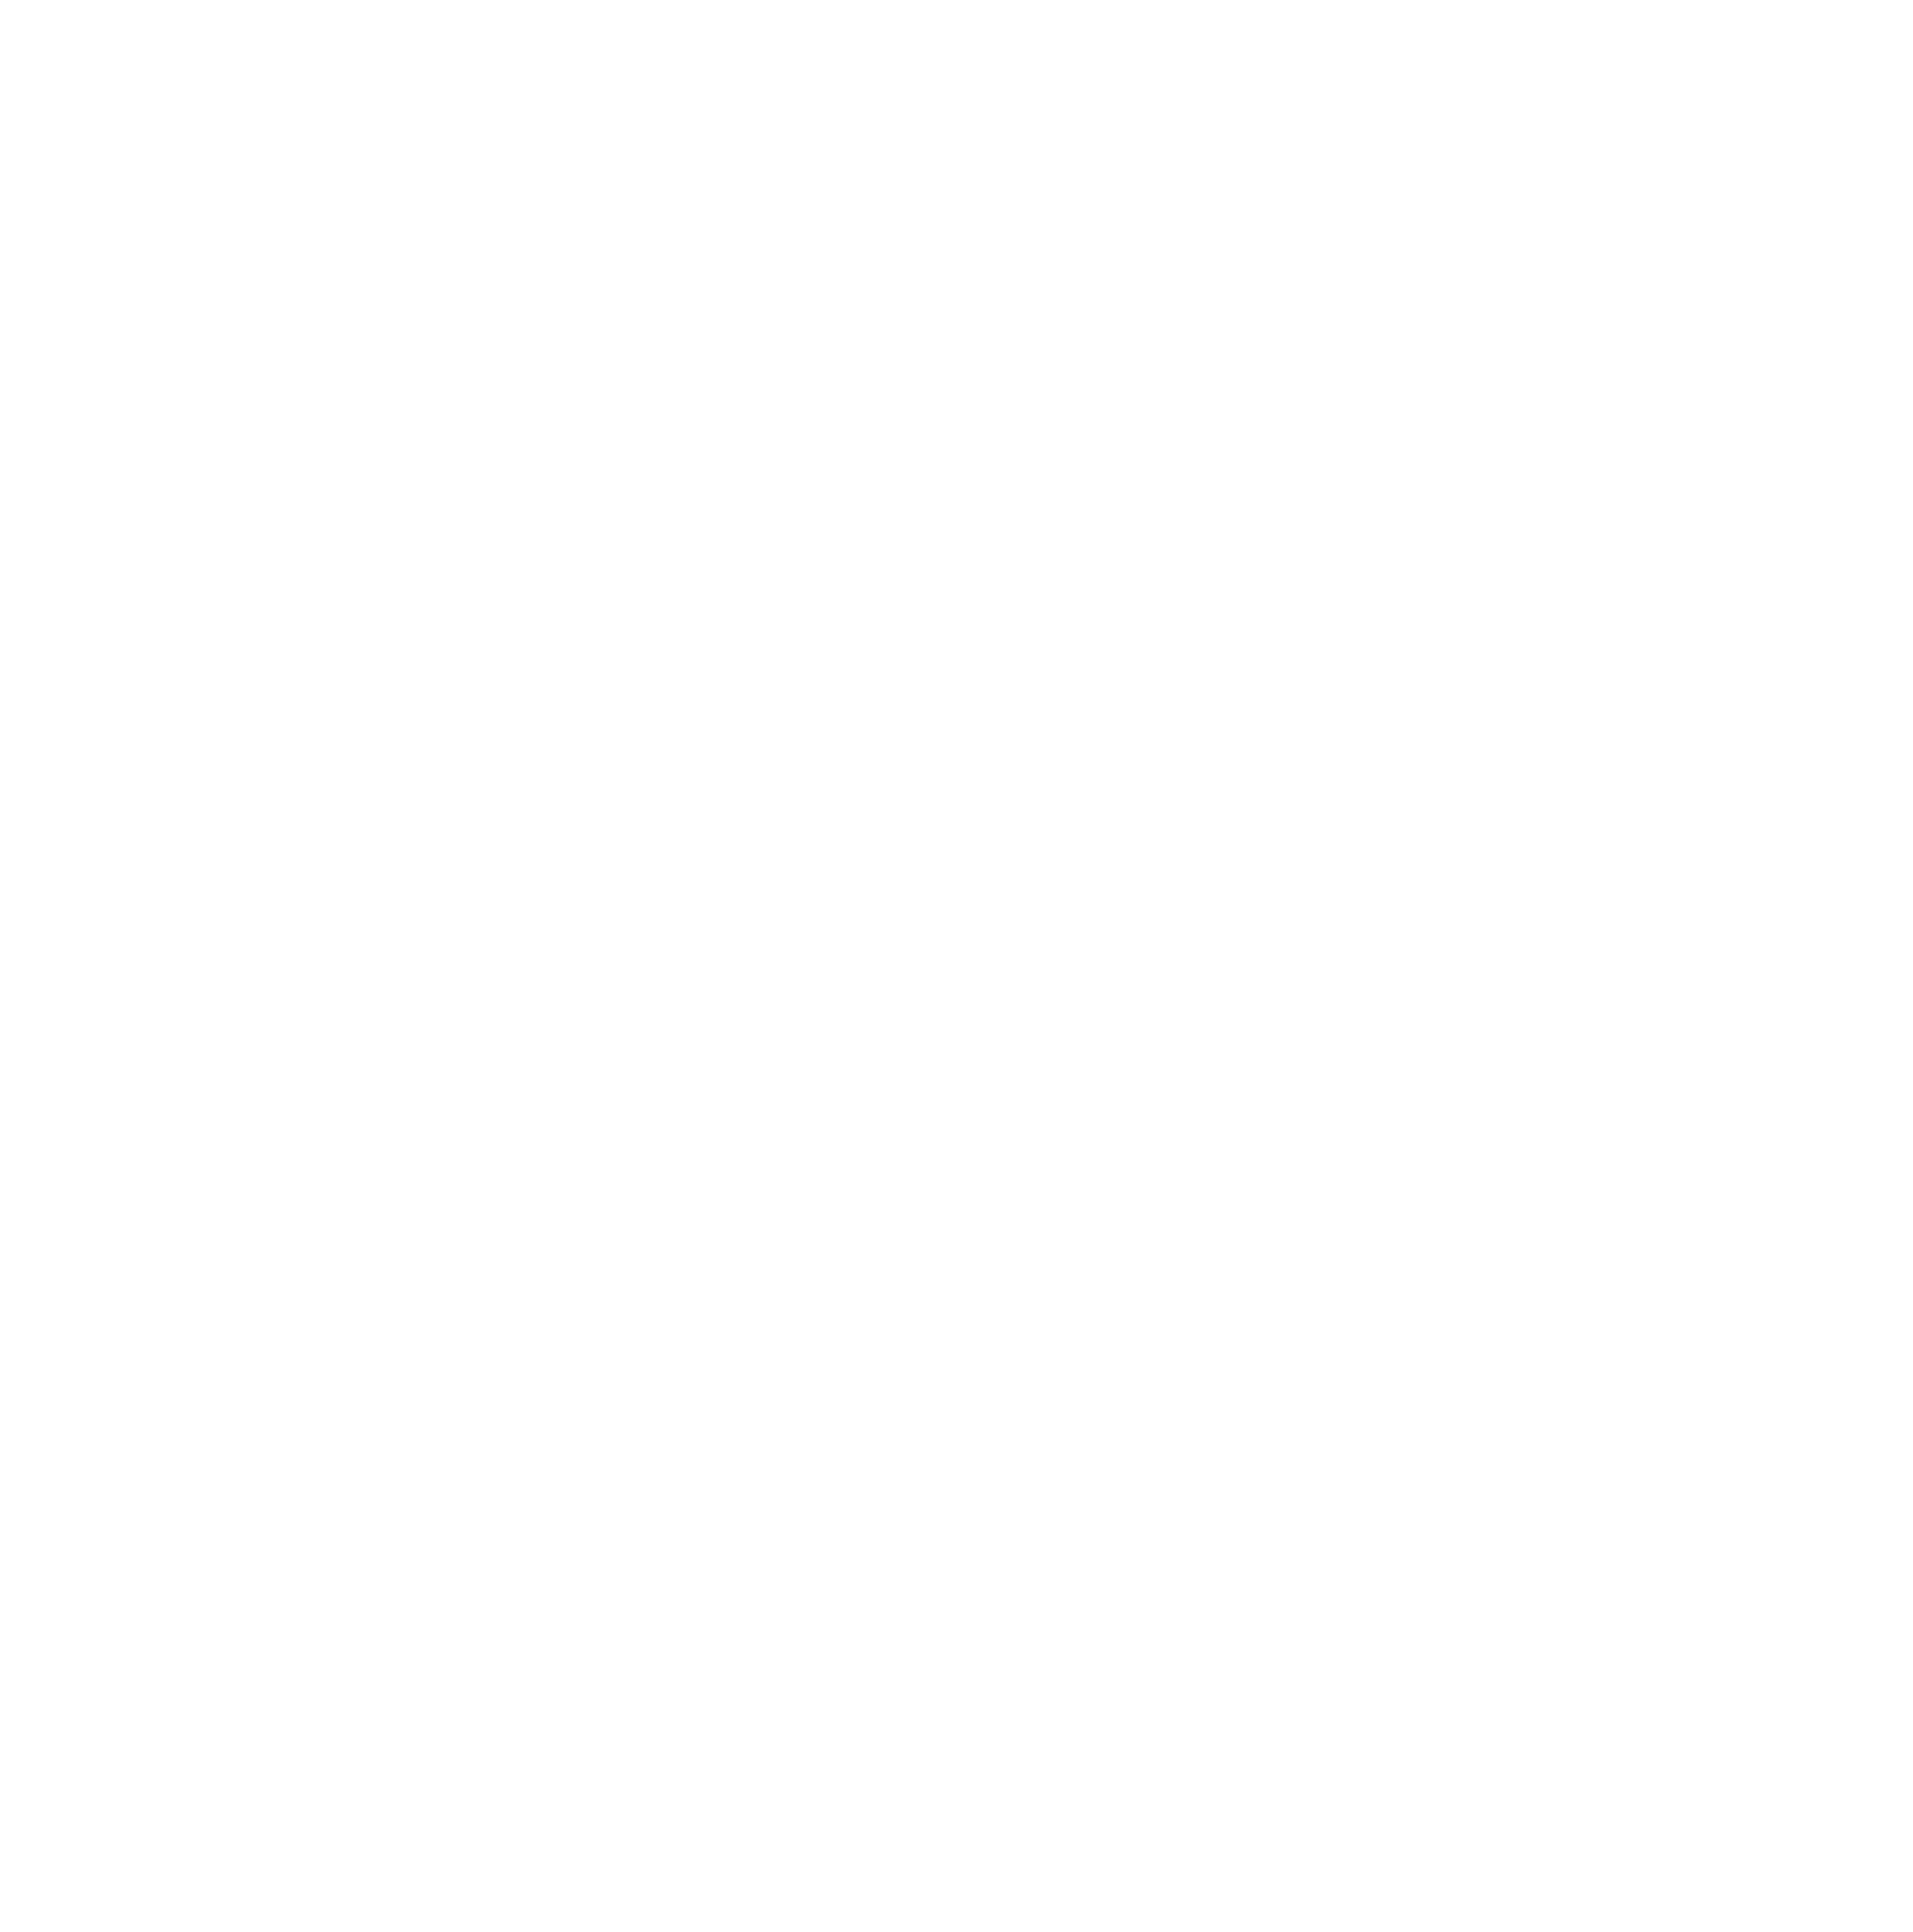 Lace Corner PNG Clip Art Image.